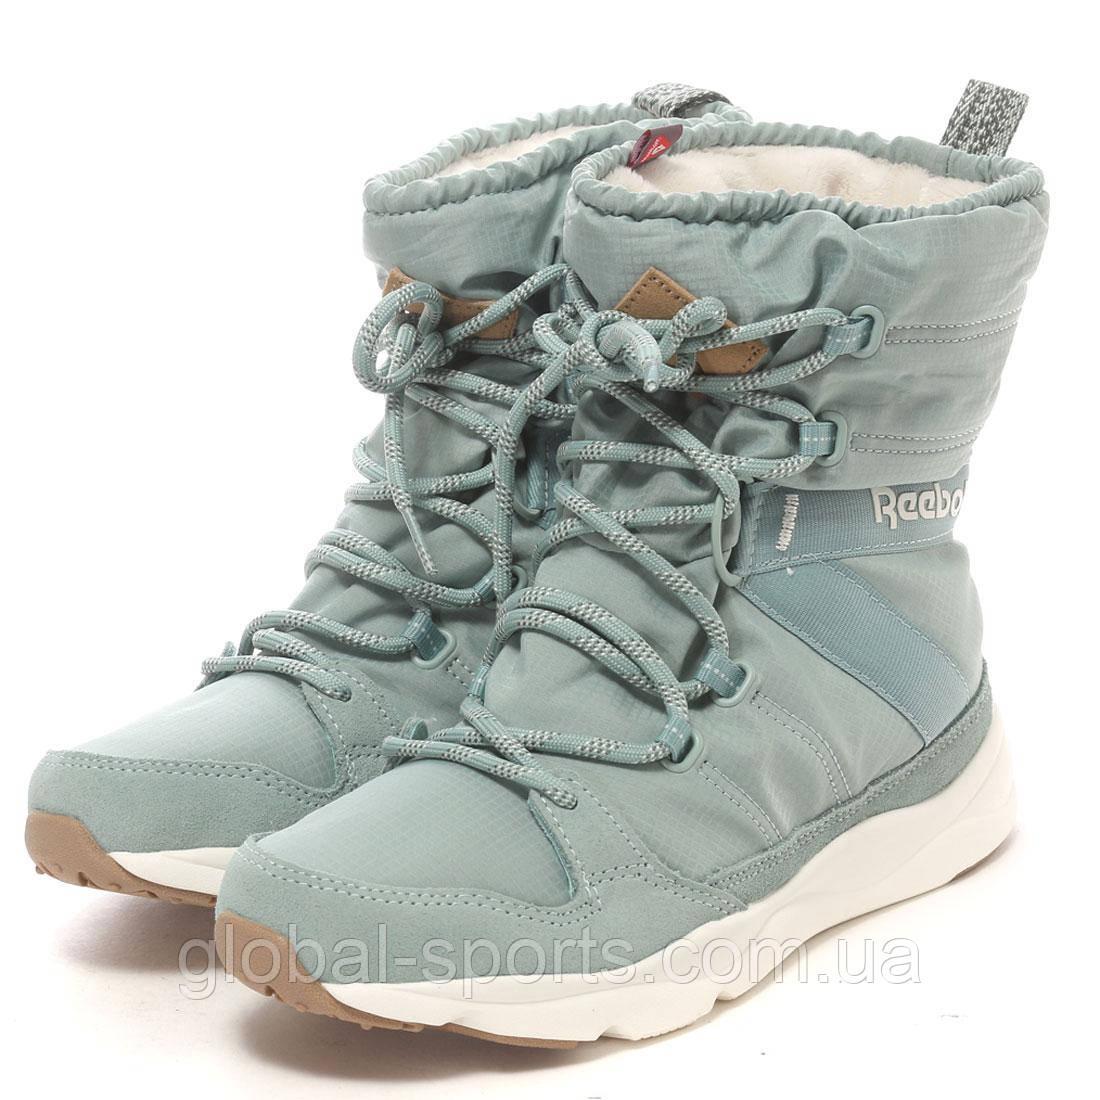 4c34aa3ac314 Женские зимние сапоги Reebok Winter Boot, (Артикул  V65782) - Global Sport в